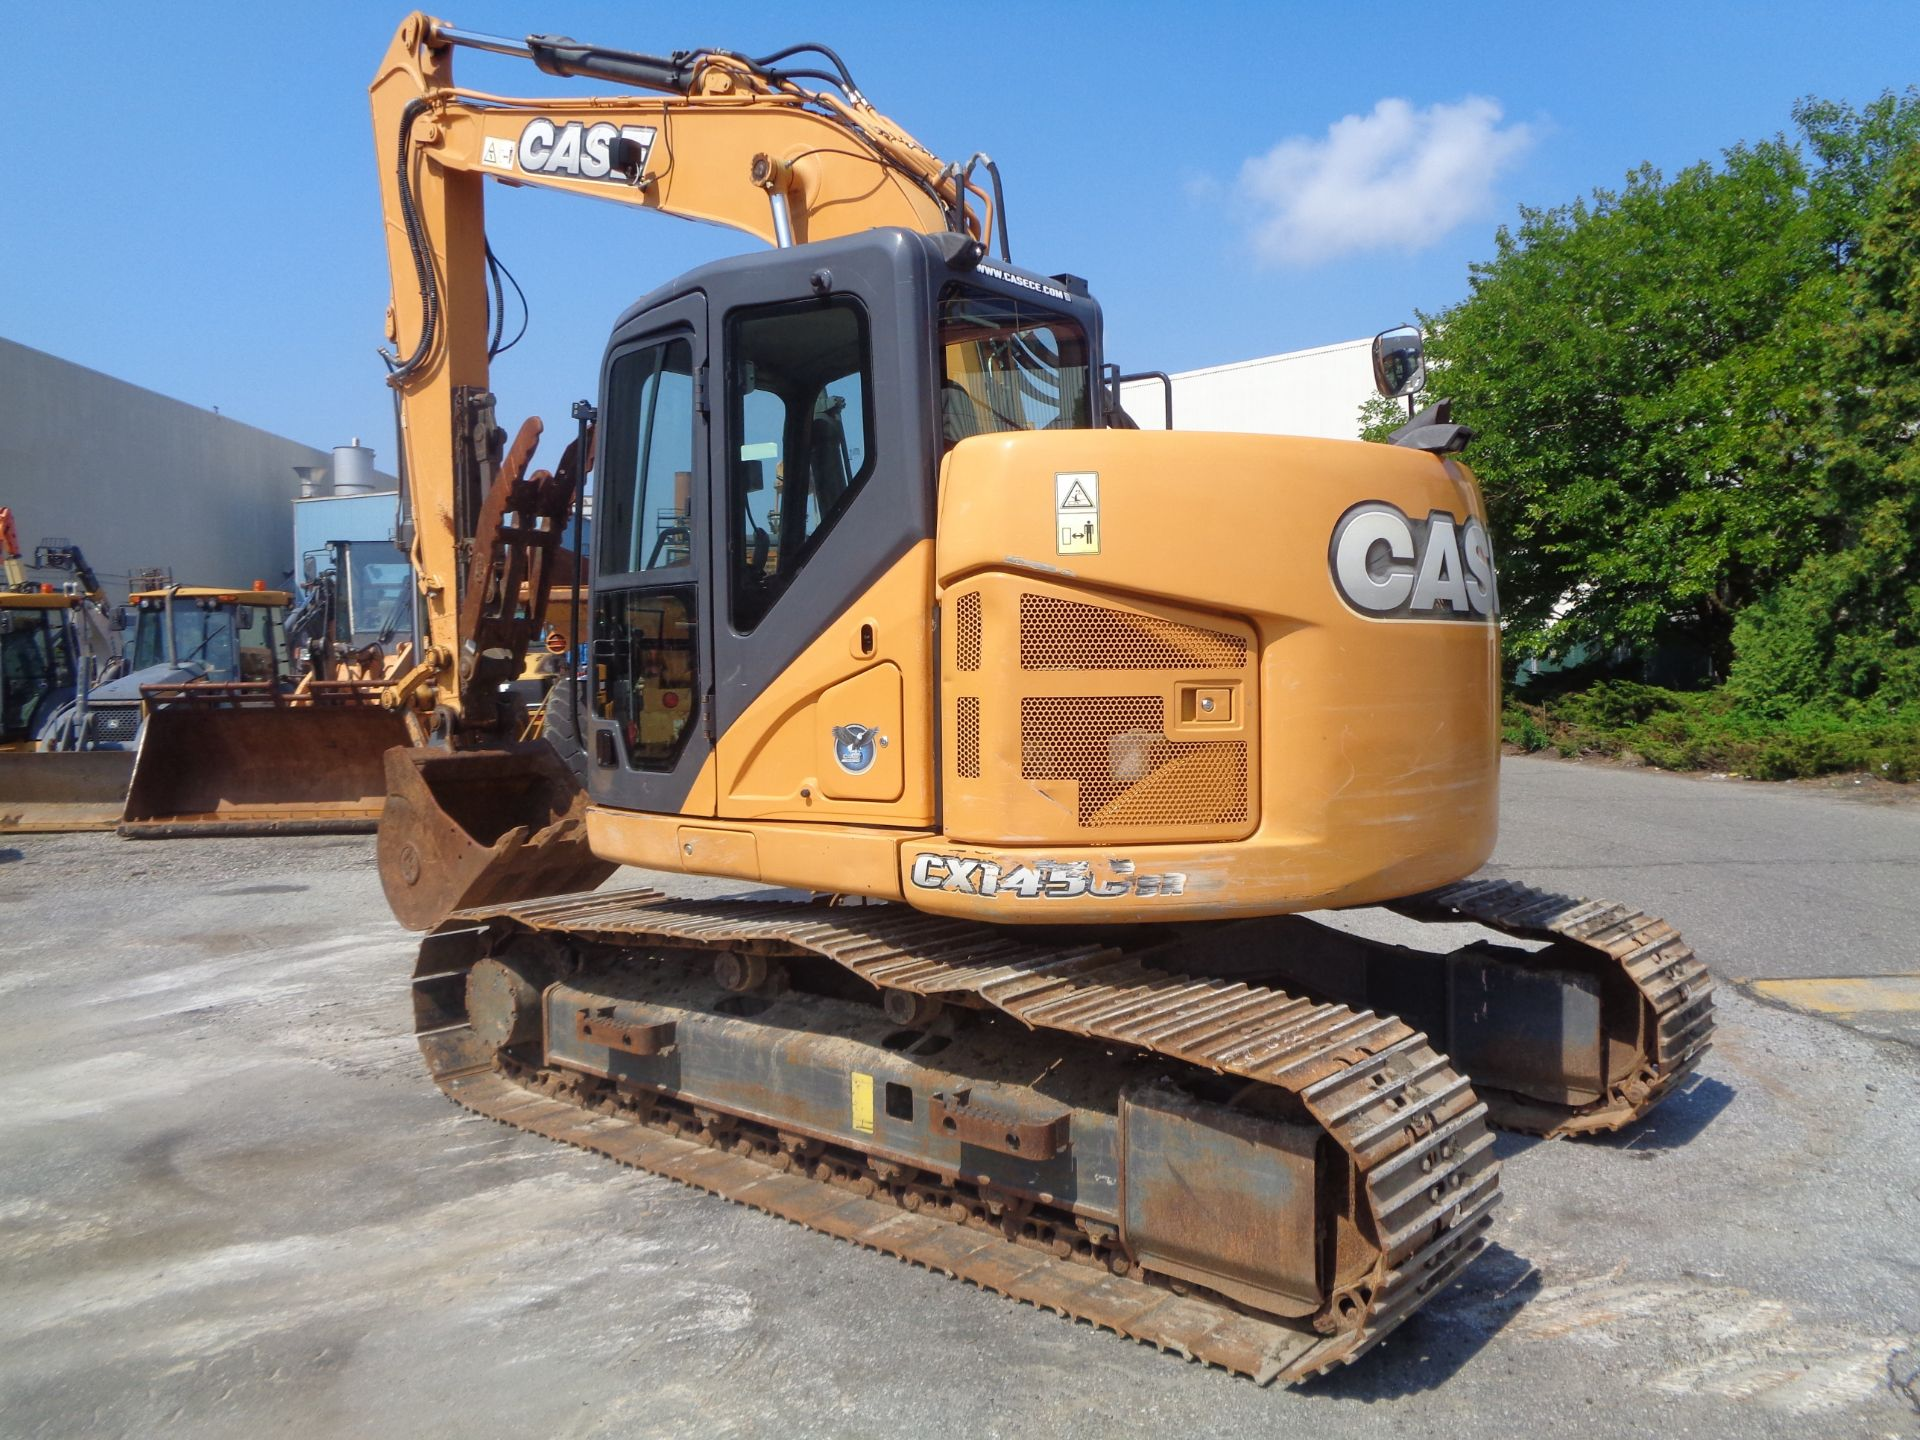 Lot 23 - 2014 Case CX145C Excavator